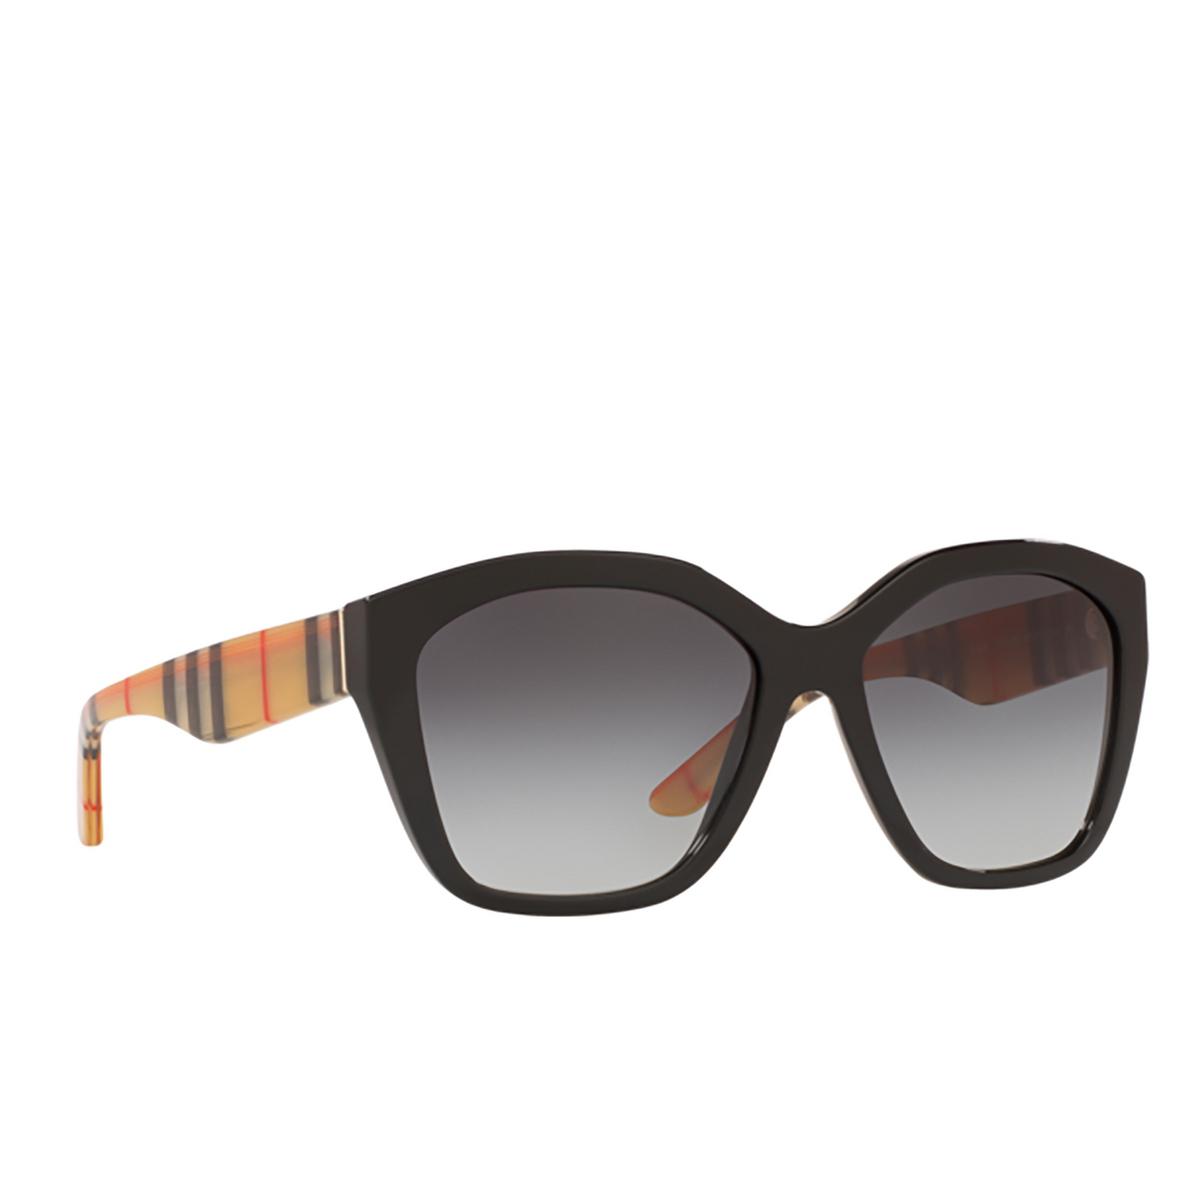 Burberry® Irregular Sunglasses: BE4261 color Black 37578G - three-quarters view.